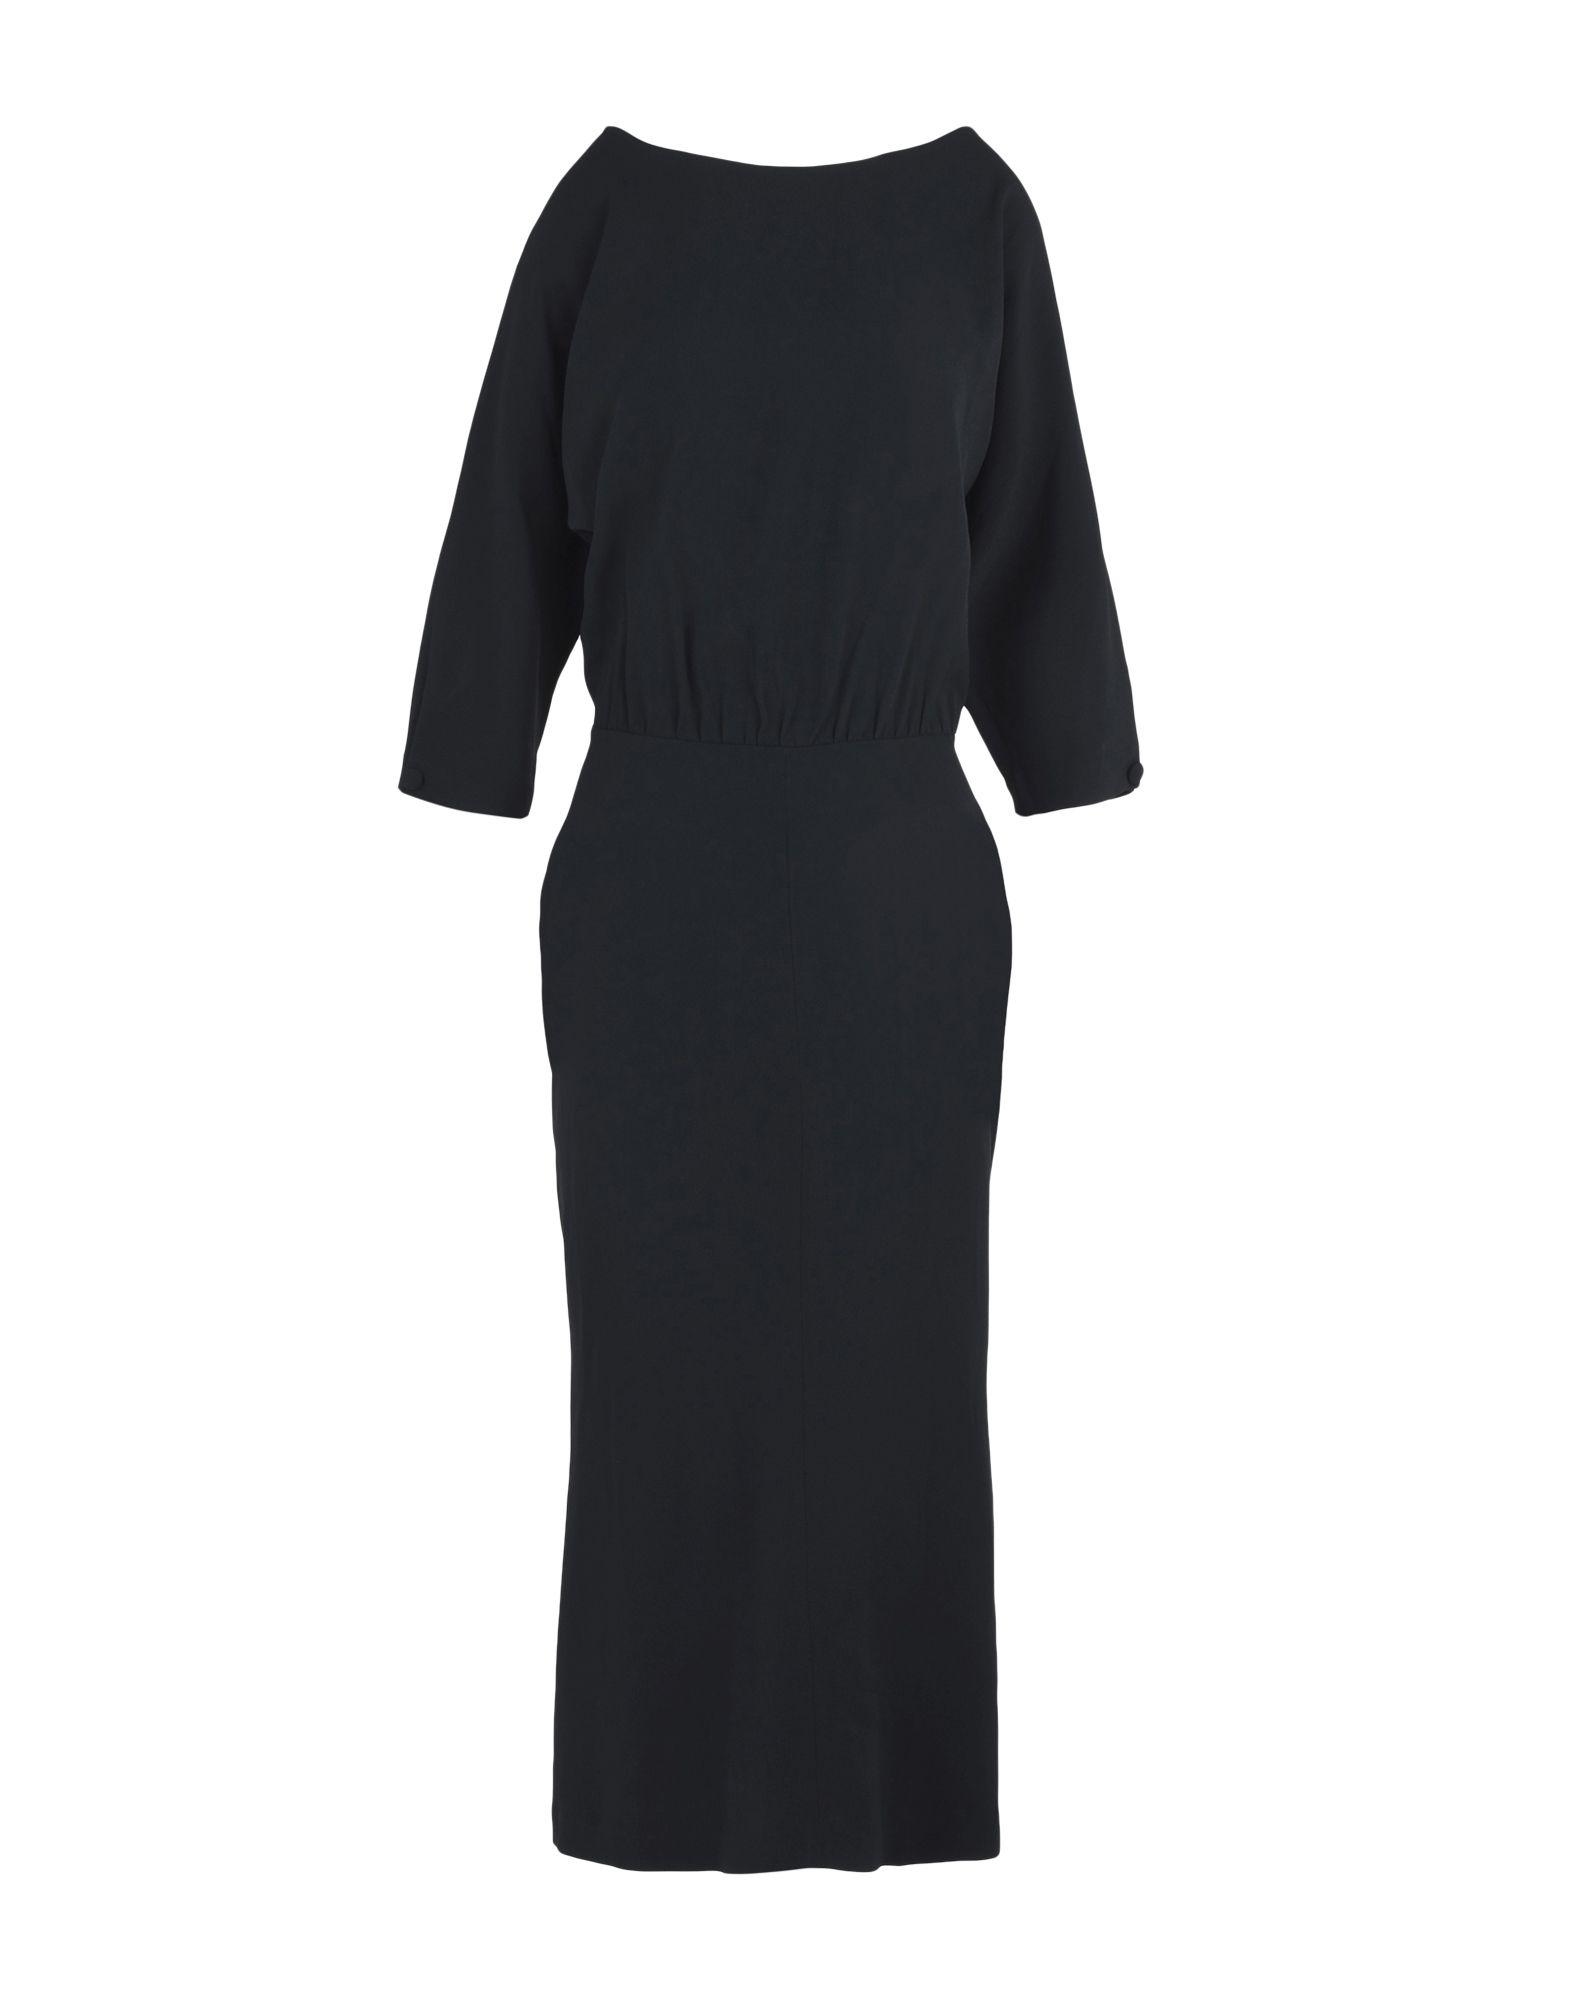 JUCCA Платье длиной 3/4 bobi платье длиной 3 4